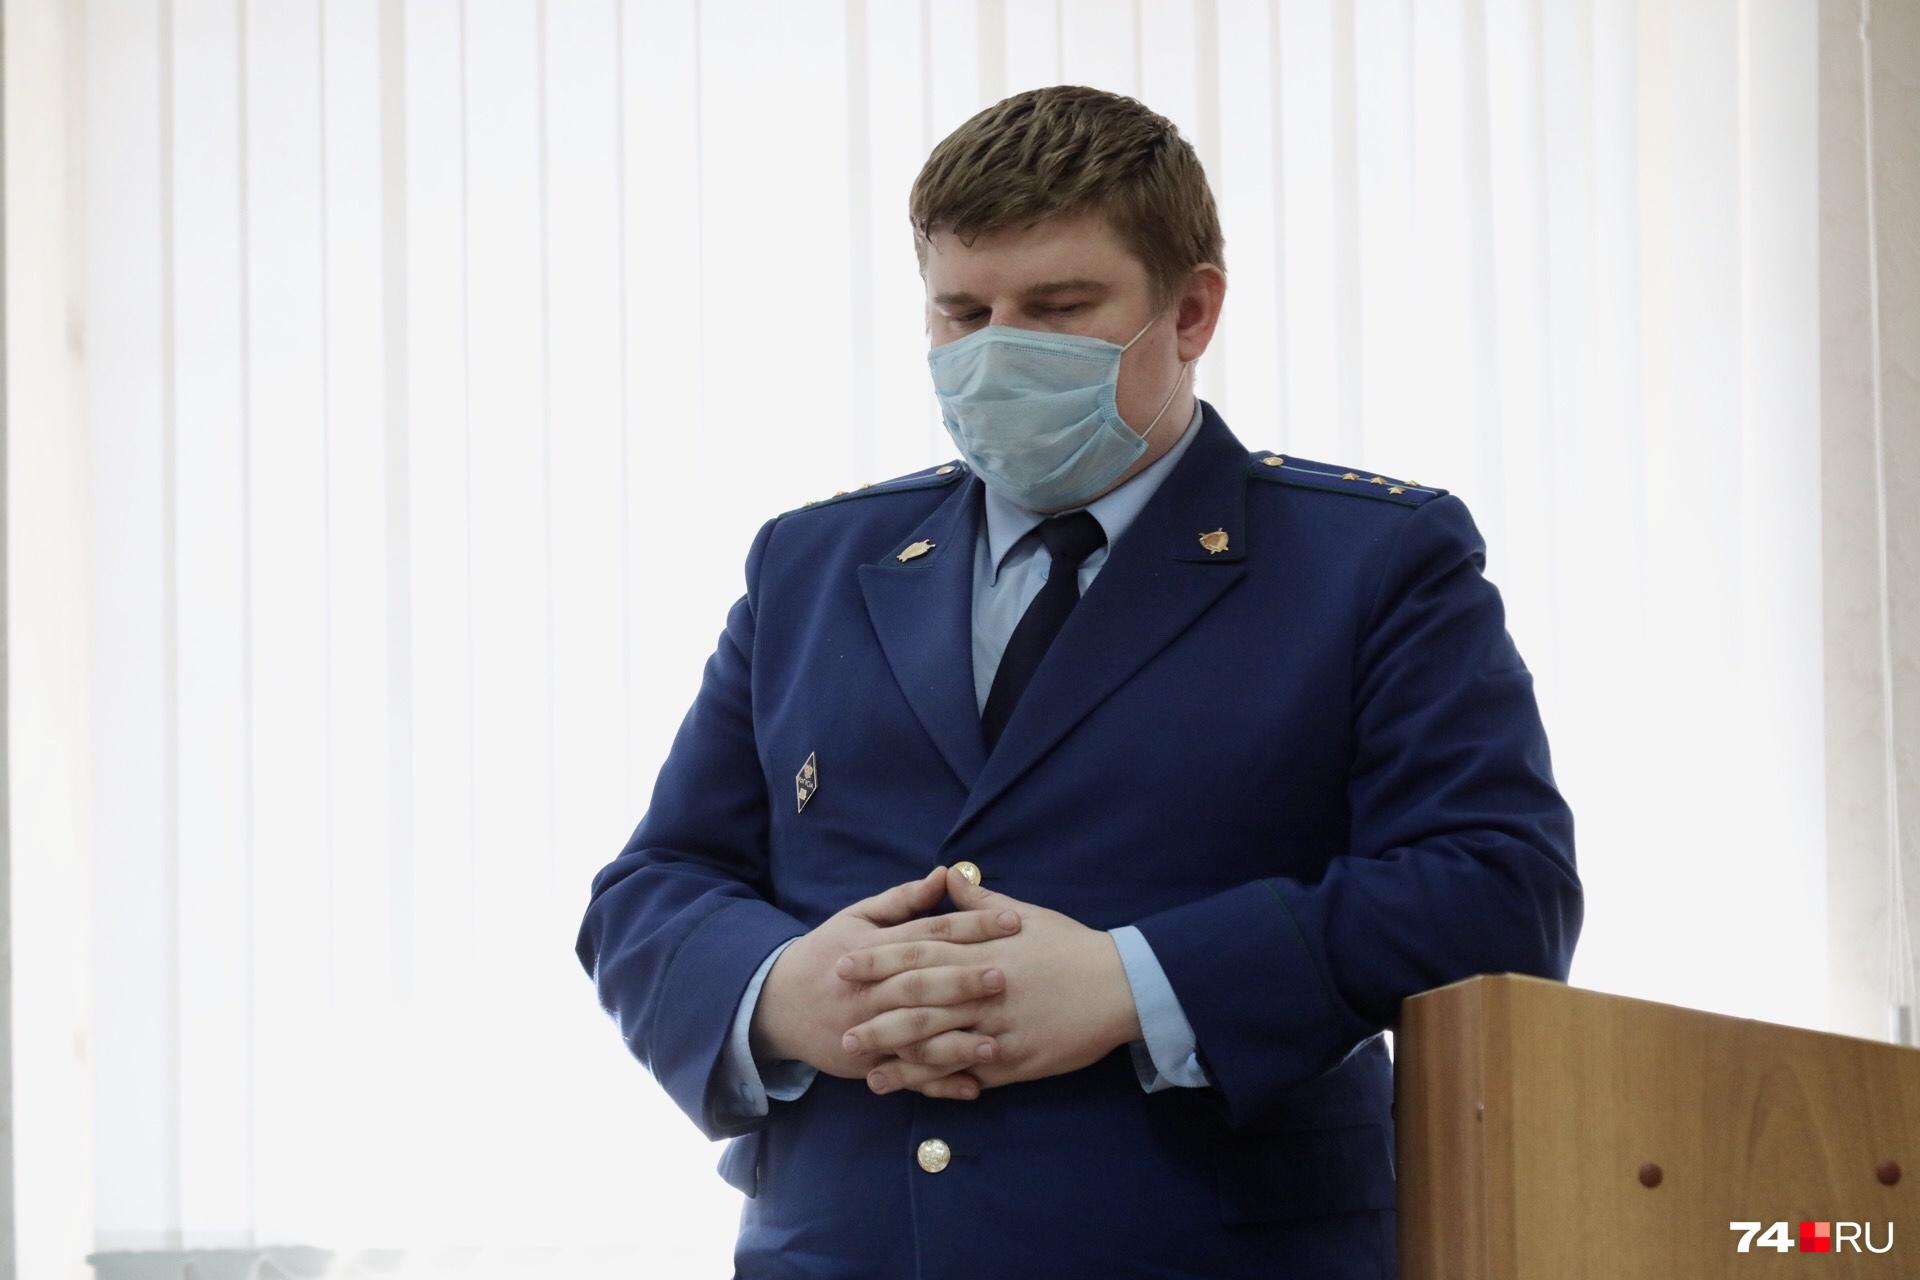 На протяжении всего срока Андрей Косилов не сможет выезжать за пределы Сосновского района — такова позиция гособвинителя